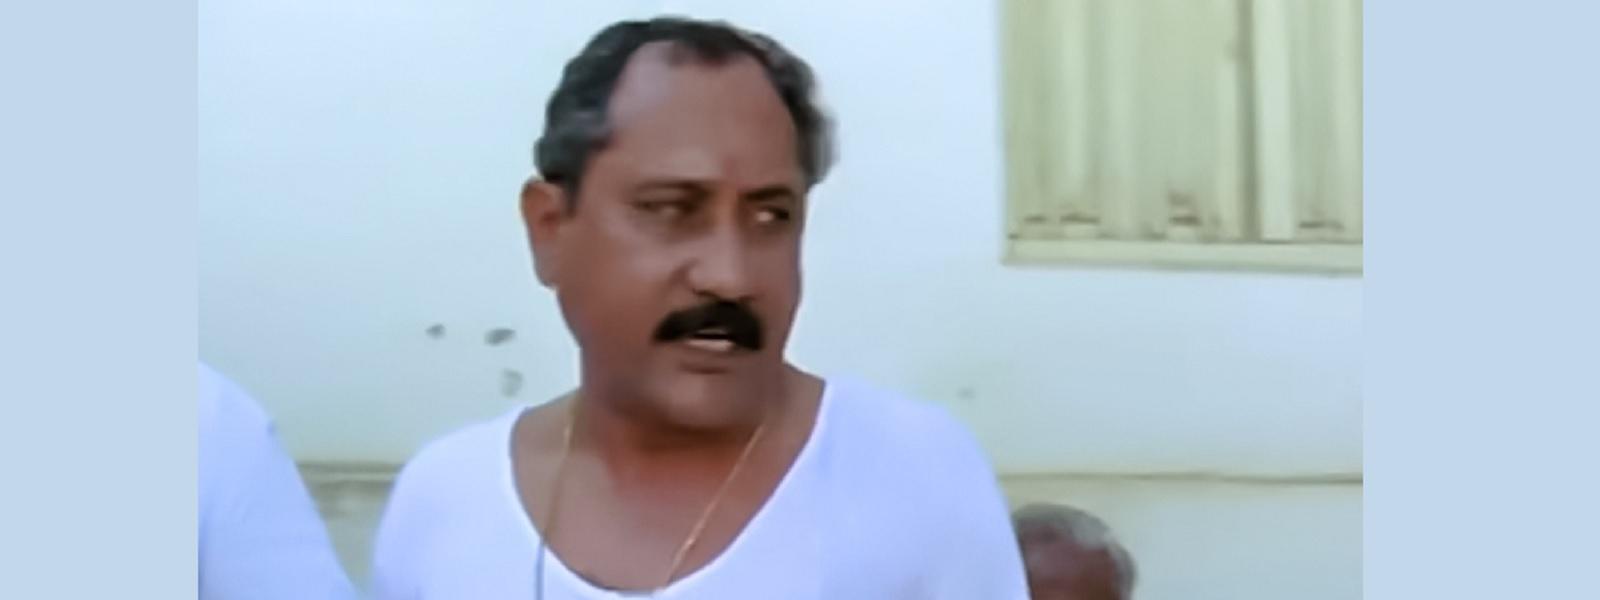 குணச்சித்திர நடிகர் கோபாலகிருஷ்ணன் காலமானார்